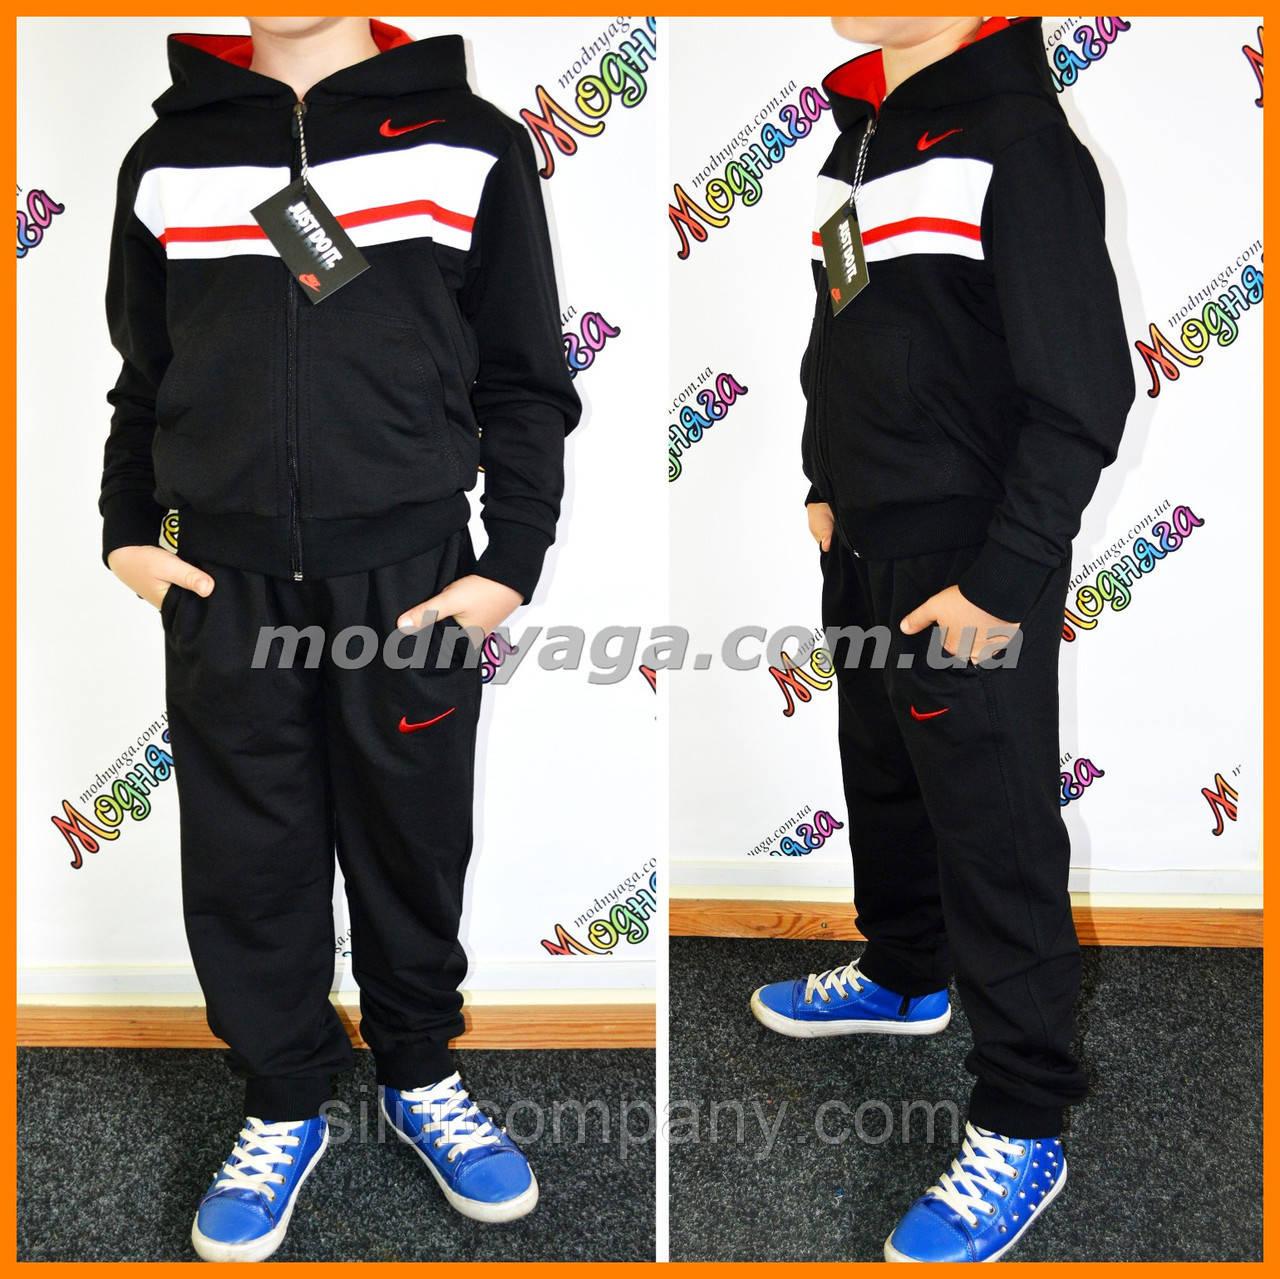 4dcbe7ae Спортивный костюм теплый украина | утепленный костюм для мальчика Nike - Интернет  магазин